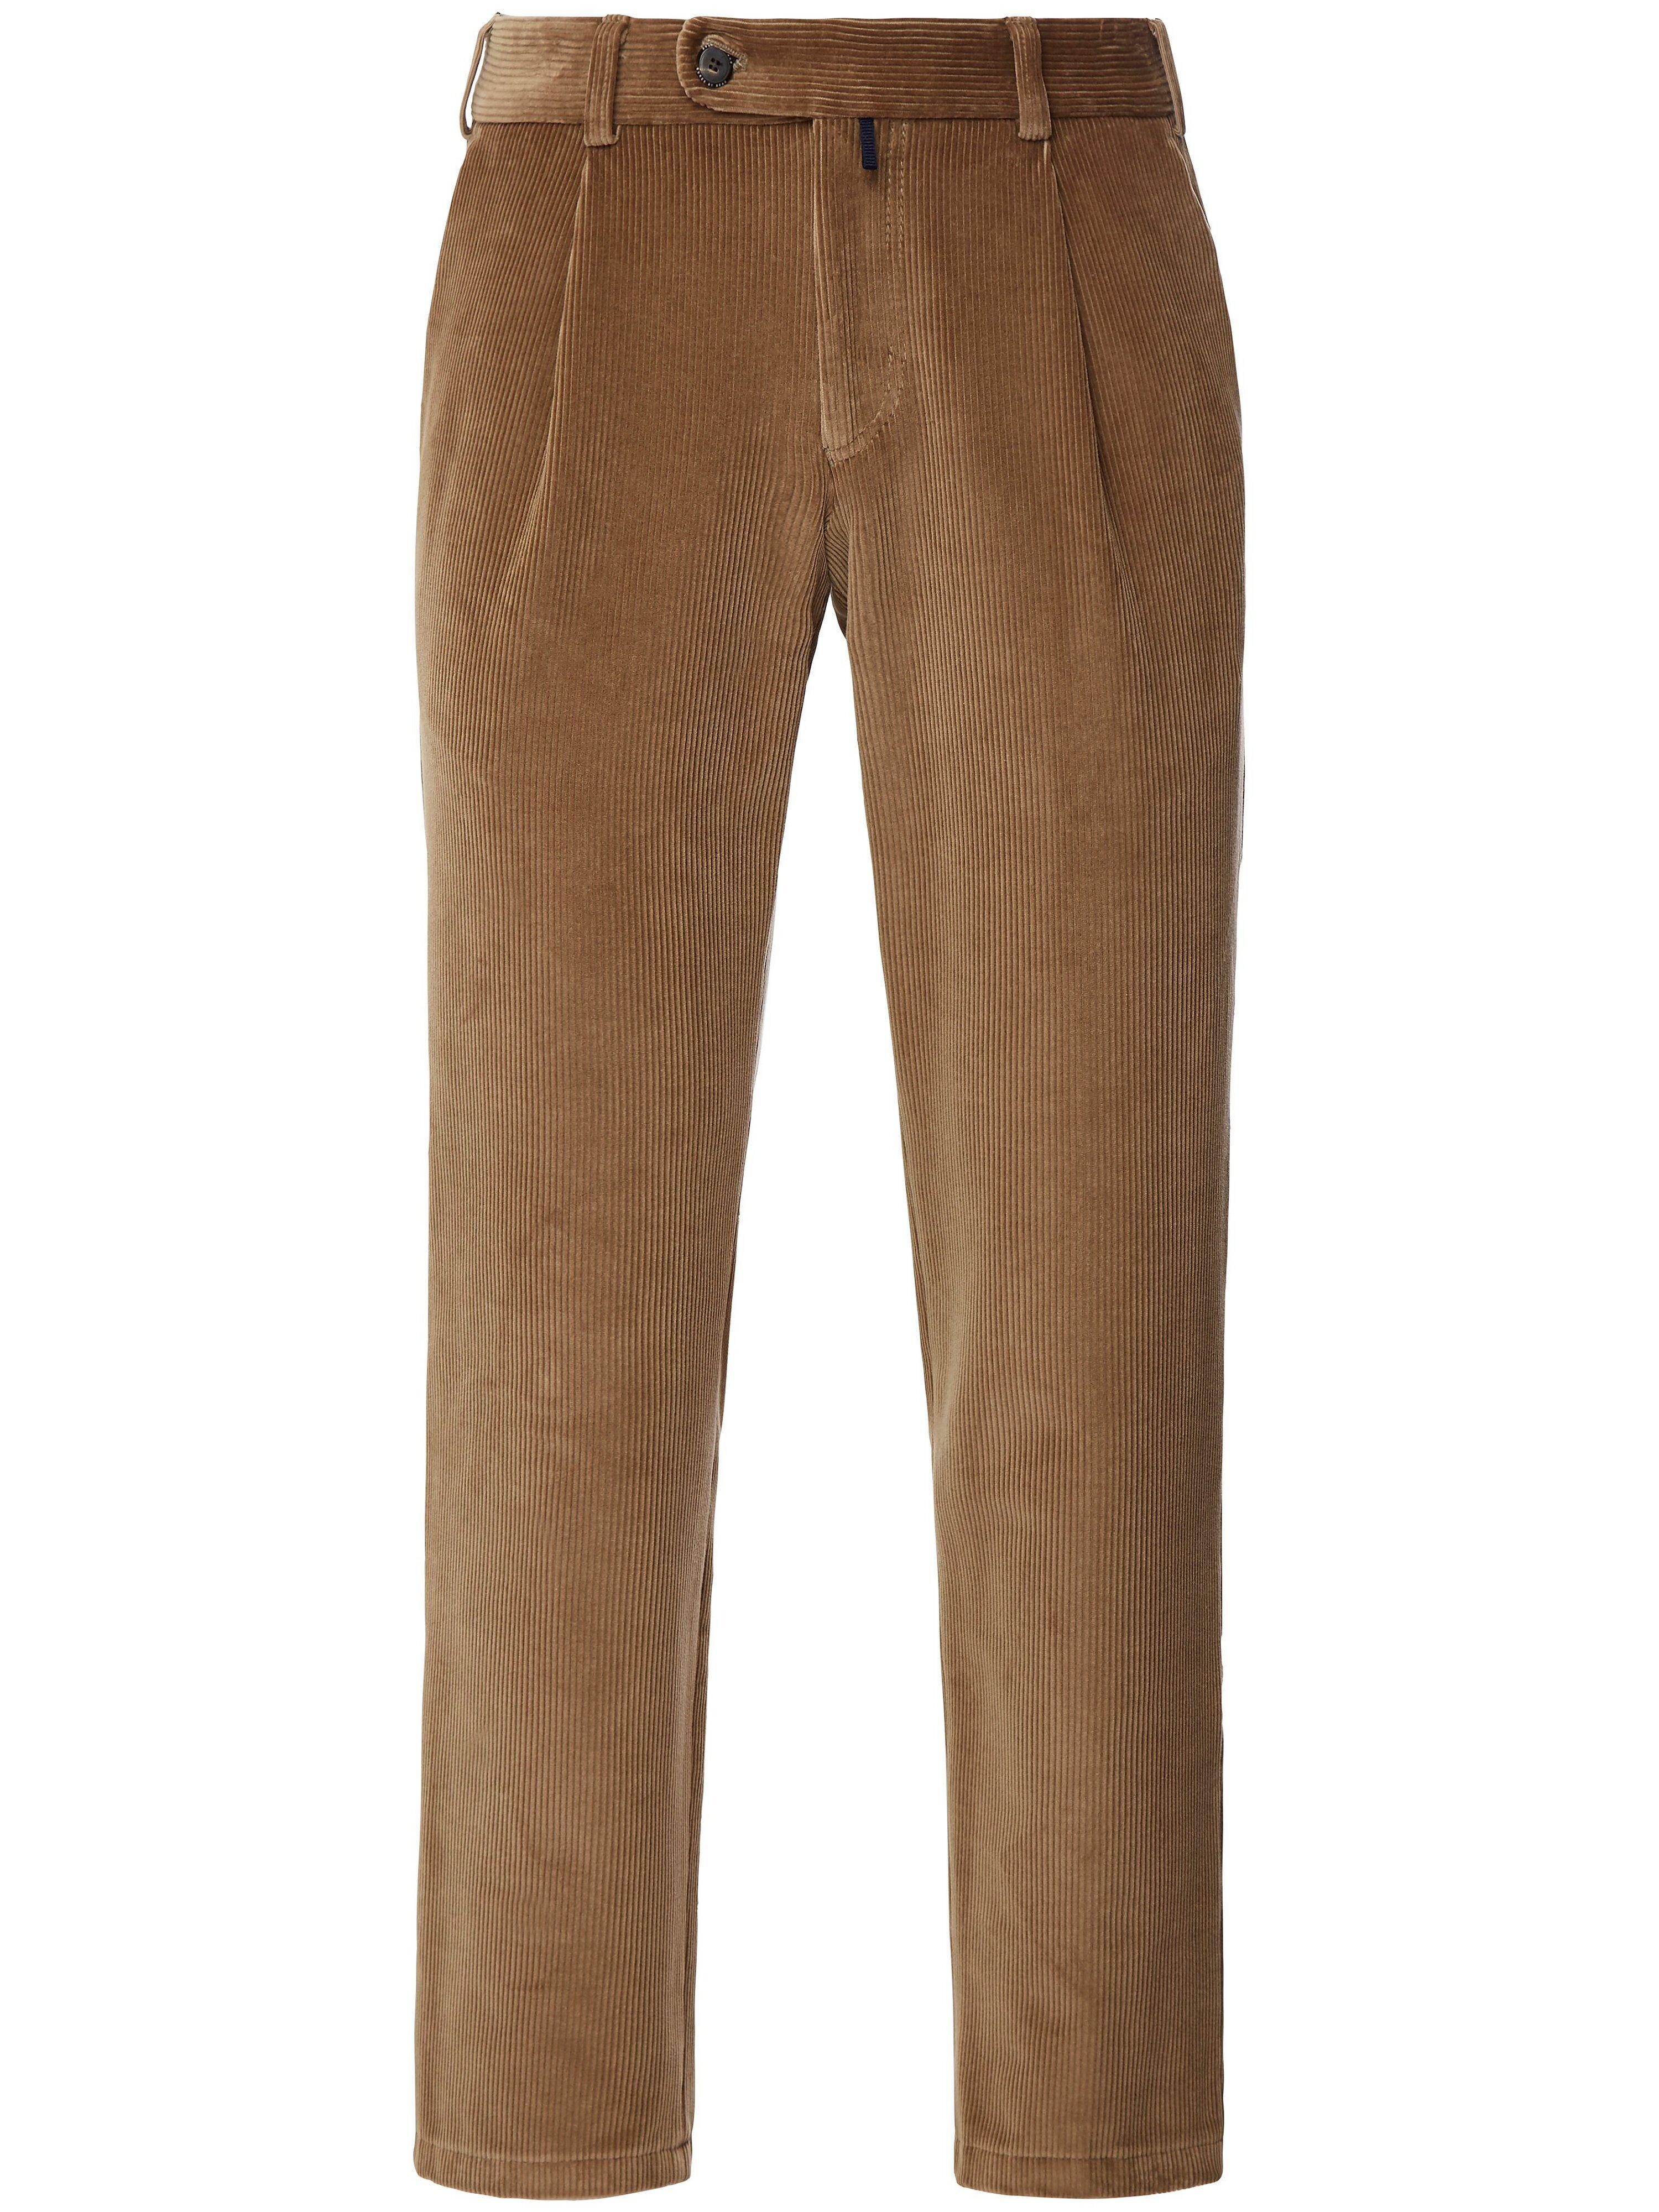 Brax Le pantalon à pinces modèle Luis  Eurex by Brax beige  - Homme - 25